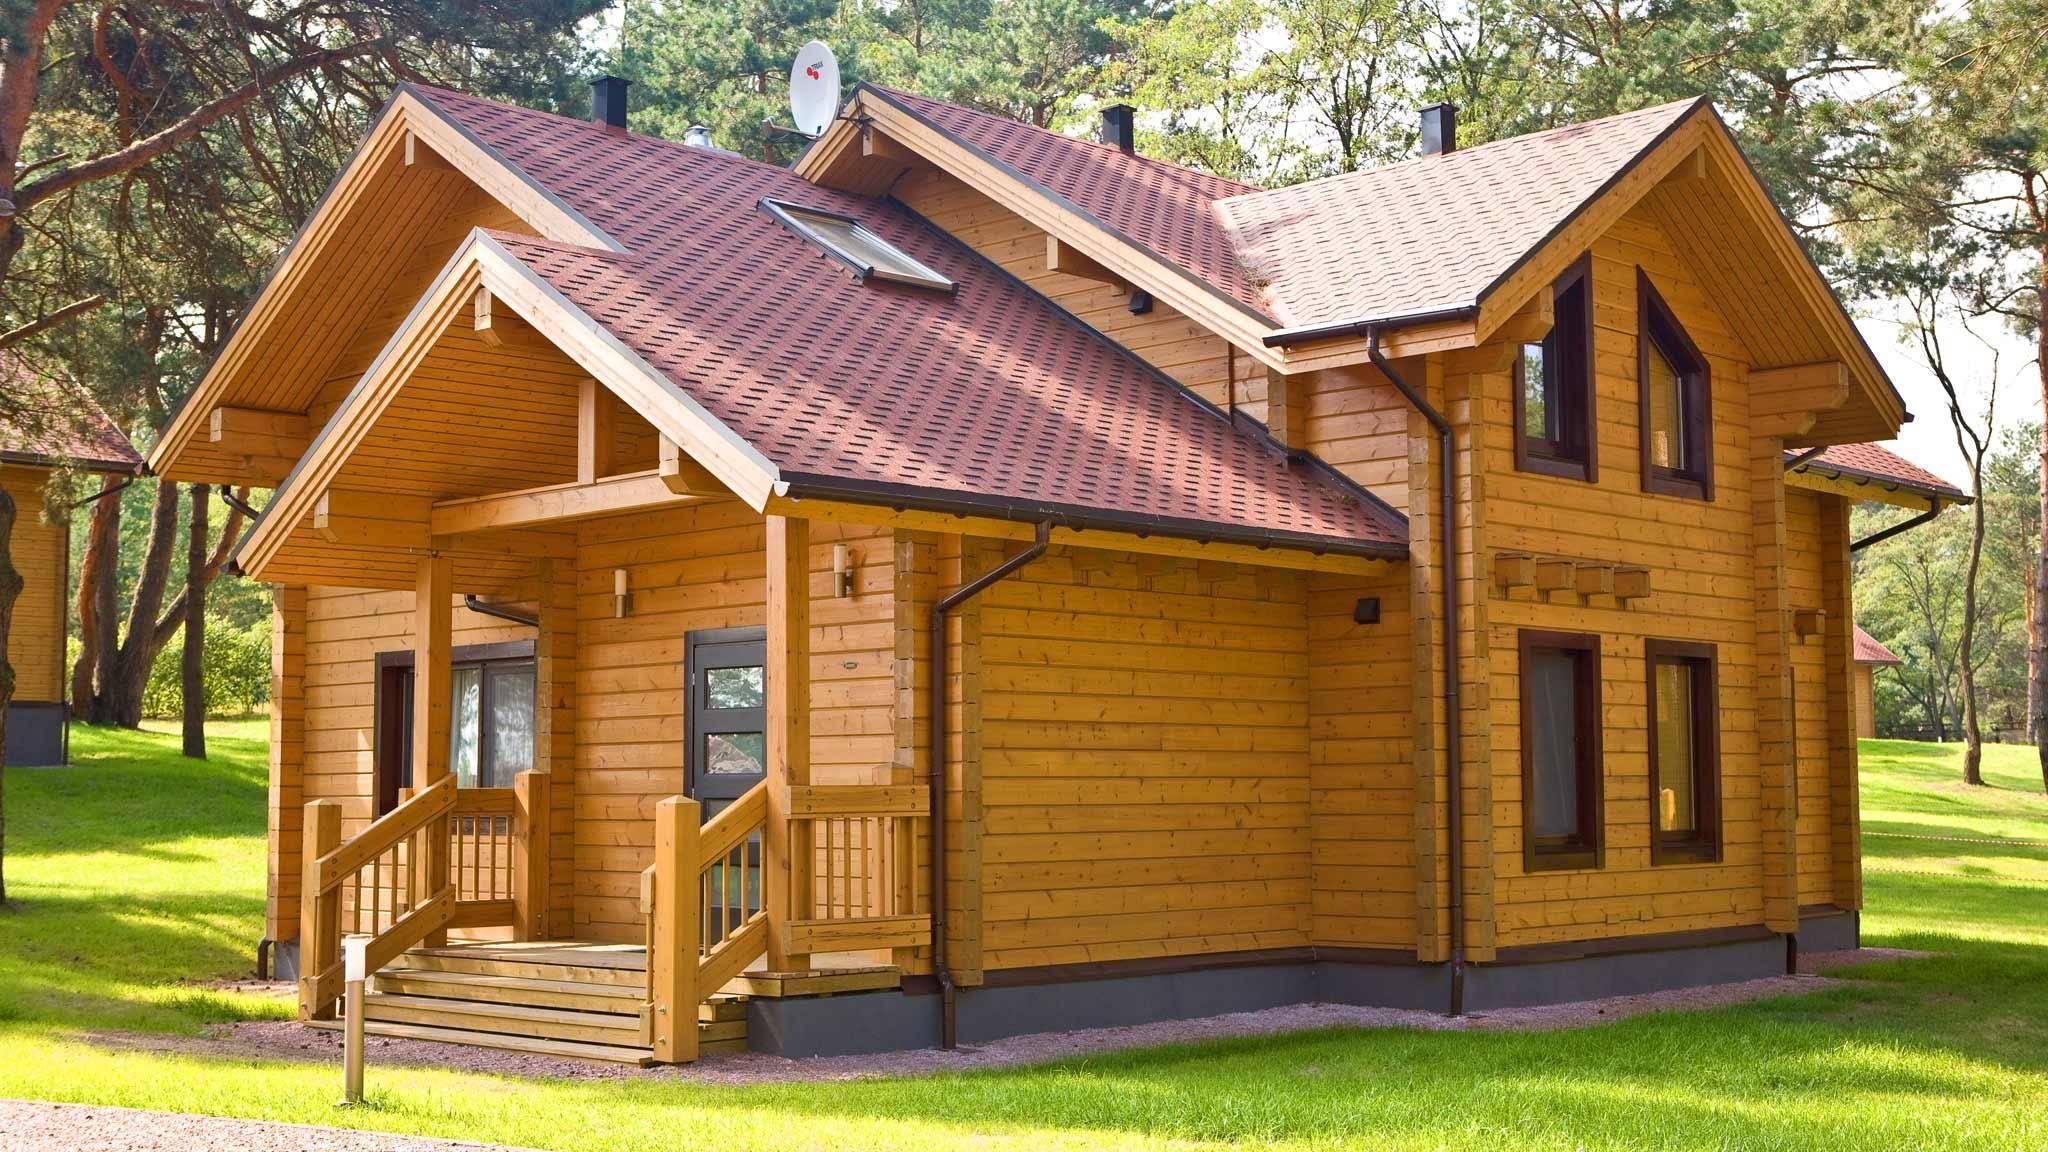 Дизайн деревенского дома внутри с фото: как своими руками создать уникальный интерьер